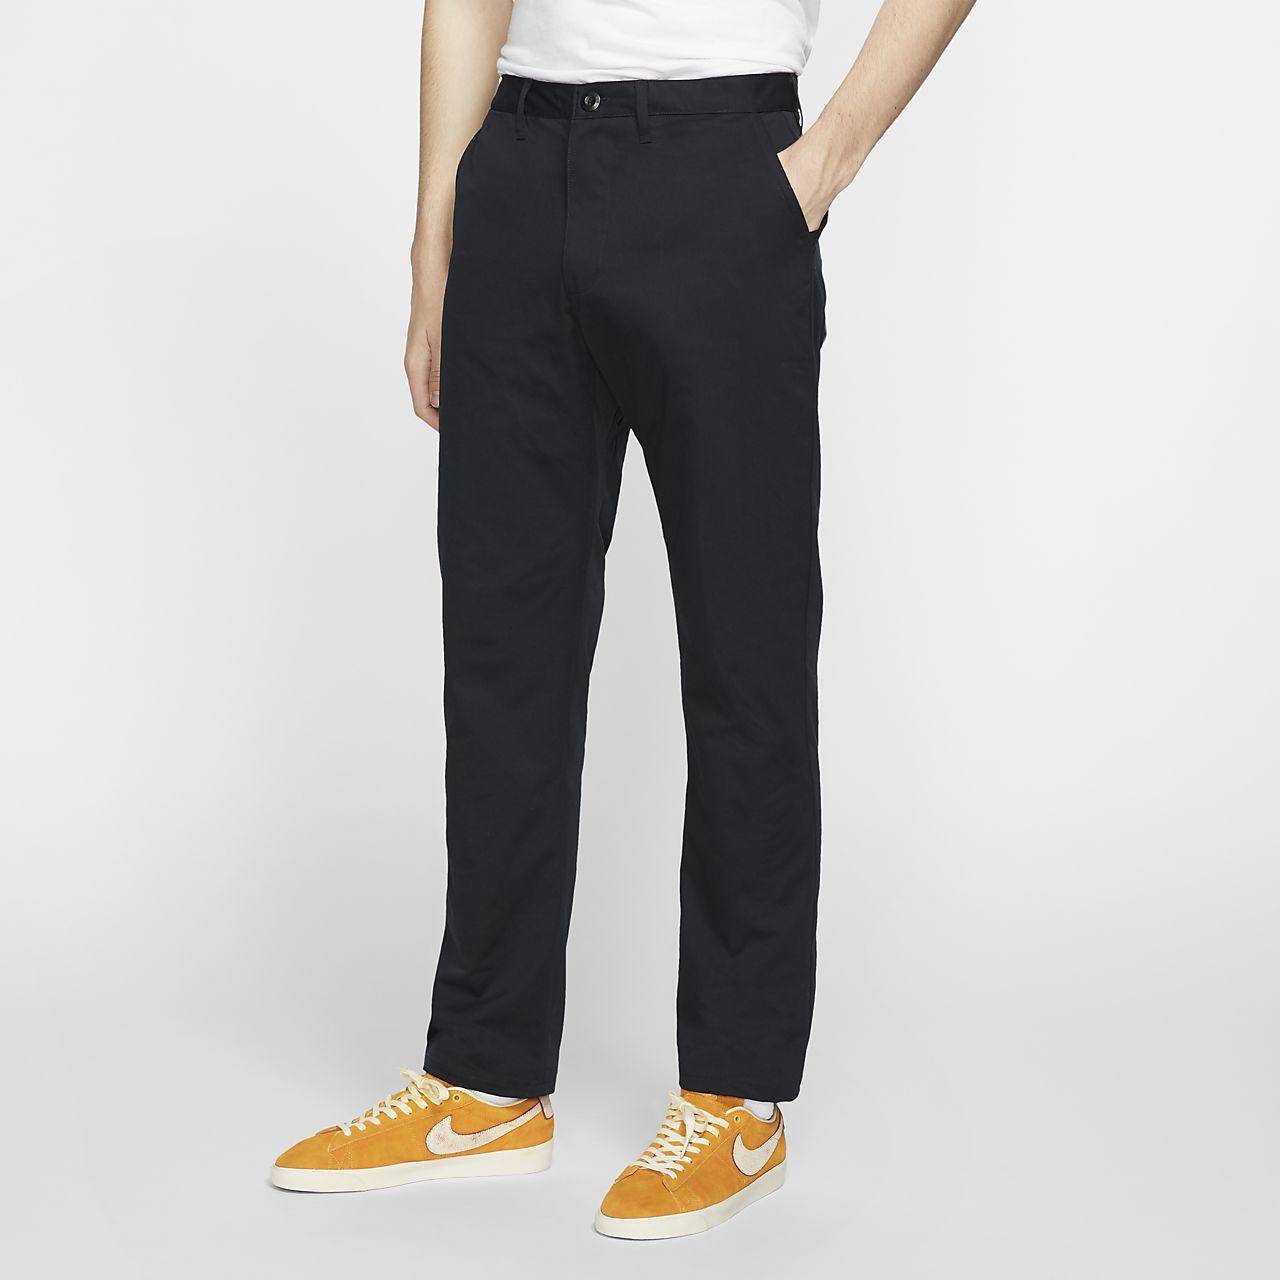 Nike SB Dri-FIT FTM Pantalón de ajuste estándar - Hombre. Nike.com ES a6e2ec024c1